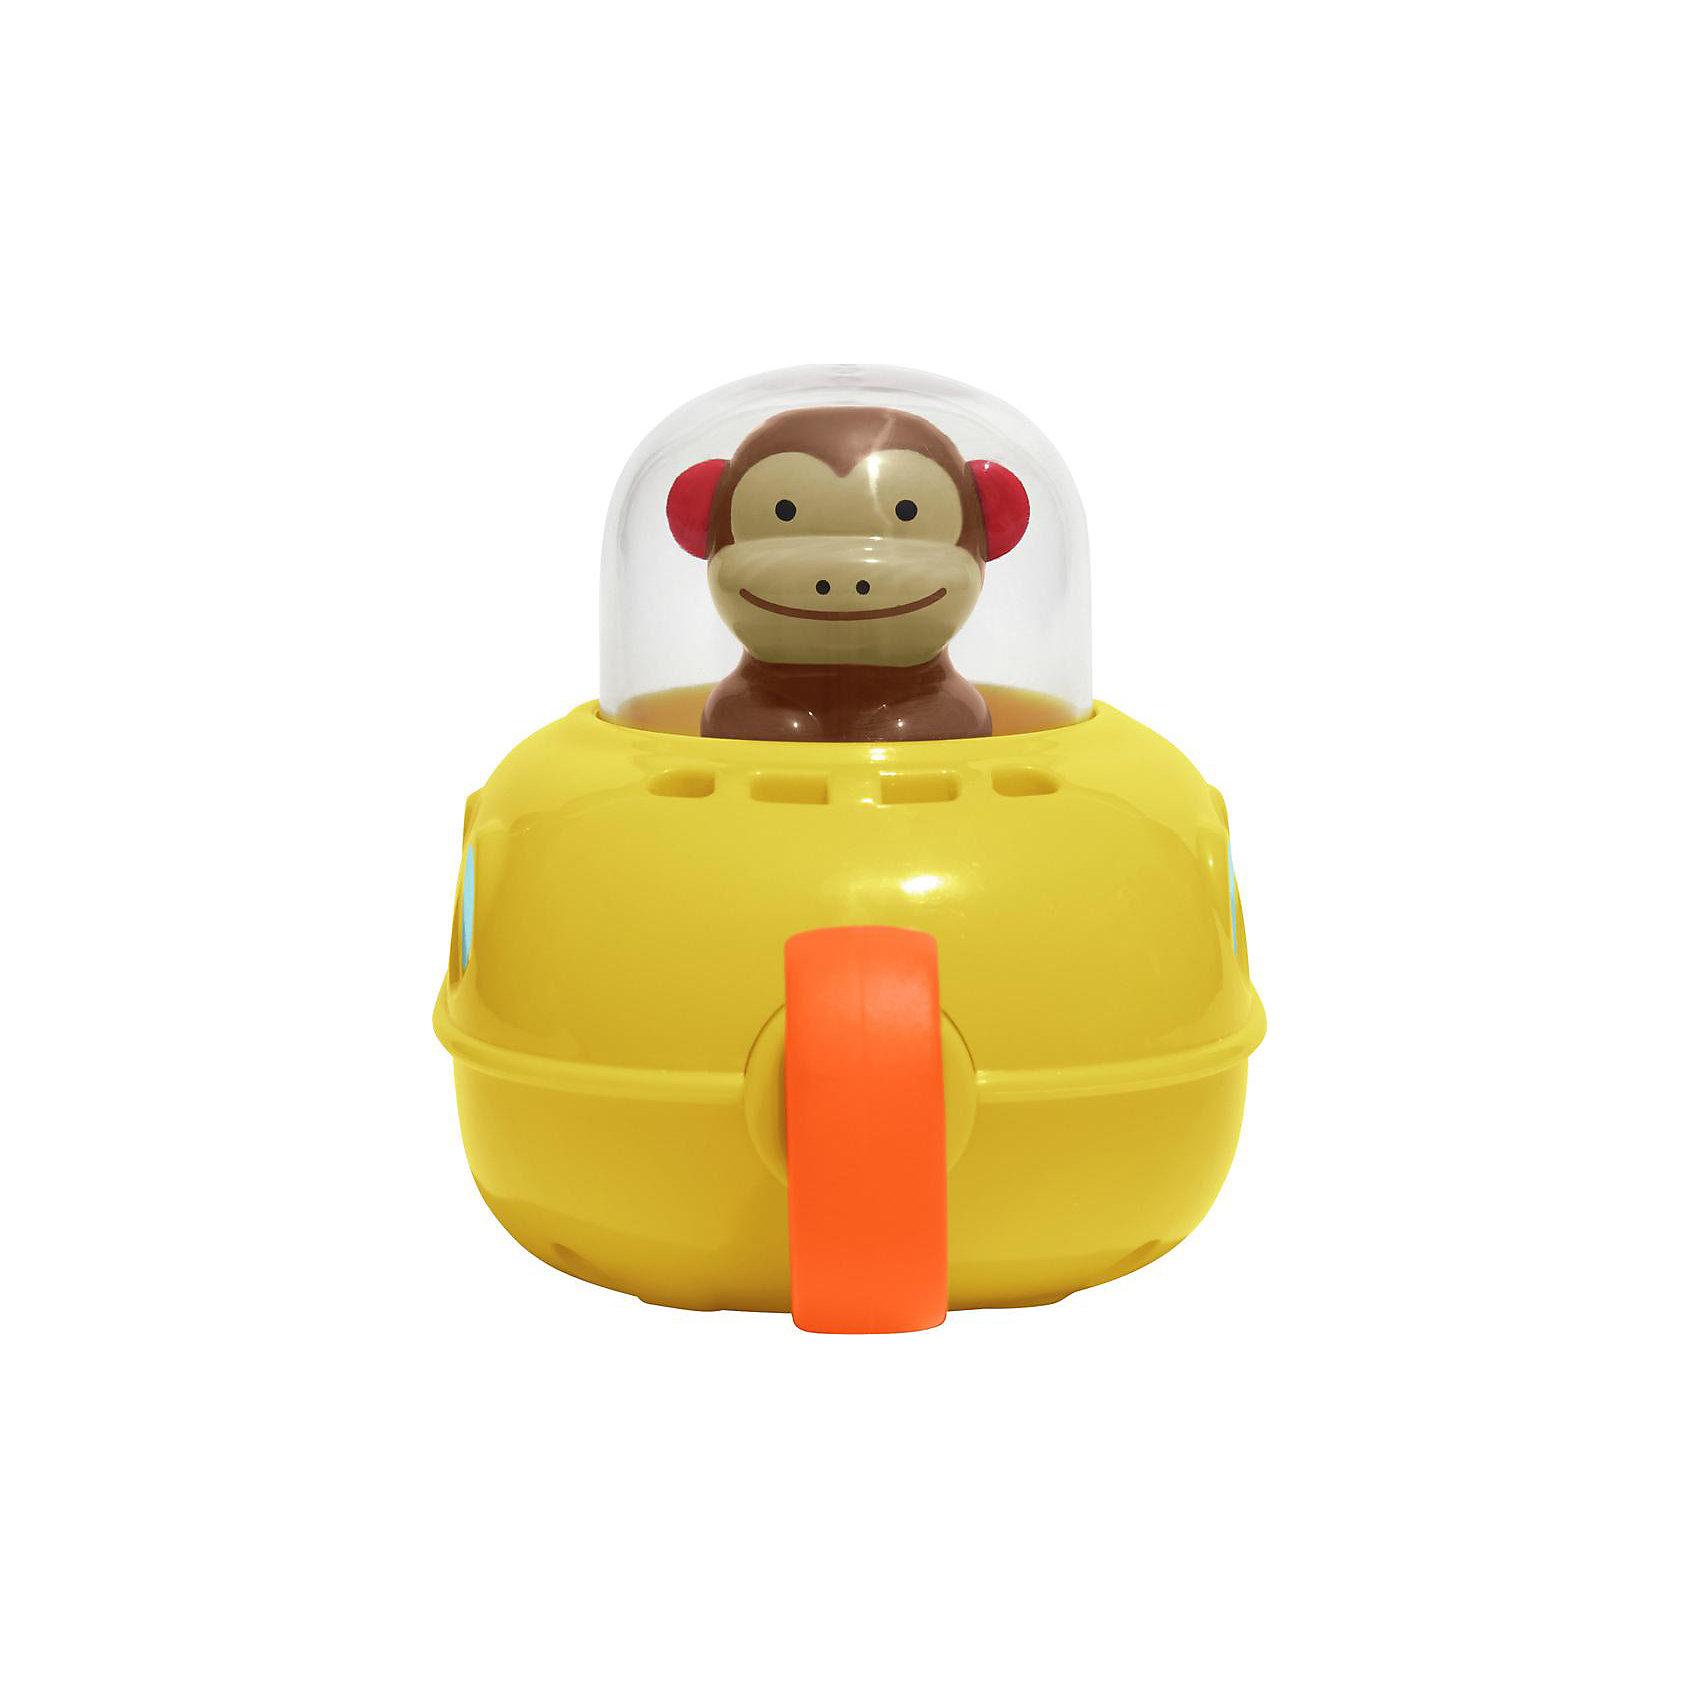 Игрушка для ванной Субмарина, Skip HopДинамические игрушки<br>Характеристики товара:<br><br>• возраст от 1 года<br>• материал: пластик<br>• вращающийся винтик<br>• для завода надо потянуть за колечко<br>• размер упаковки 11,5х9,5х7,6 см<br>• вес упаковки 324 г.<br>• страна бренда: США<br>• страна производитель: Китай<br><br>Игрушка для ванной «Субмарина» Skip Hop сделает процесс купания веселым и увлекательным. Оно представляет собой подводную лодку с обезьянкой за ее штурвалом. Потянув за колечко на носу субмарины, винт закрутится, и лодка поплывет. Игрушка развивает у малышей тактильные ощущения, мелкую моторику рук, зрительное восприятие.<br><br>Игрушку для ванной «Субмарина» Skip Hop можно приобрести в нашем интернет-магазине.<br><br>Ширина мм: 115<br>Глубина мм: 76<br>Высота мм: 95<br>Вес г: 324<br>Возраст от месяцев: 6<br>Возраст до месяцев: 60<br>Пол: Унисекс<br>Возраст: Детский<br>SKU: 5543586